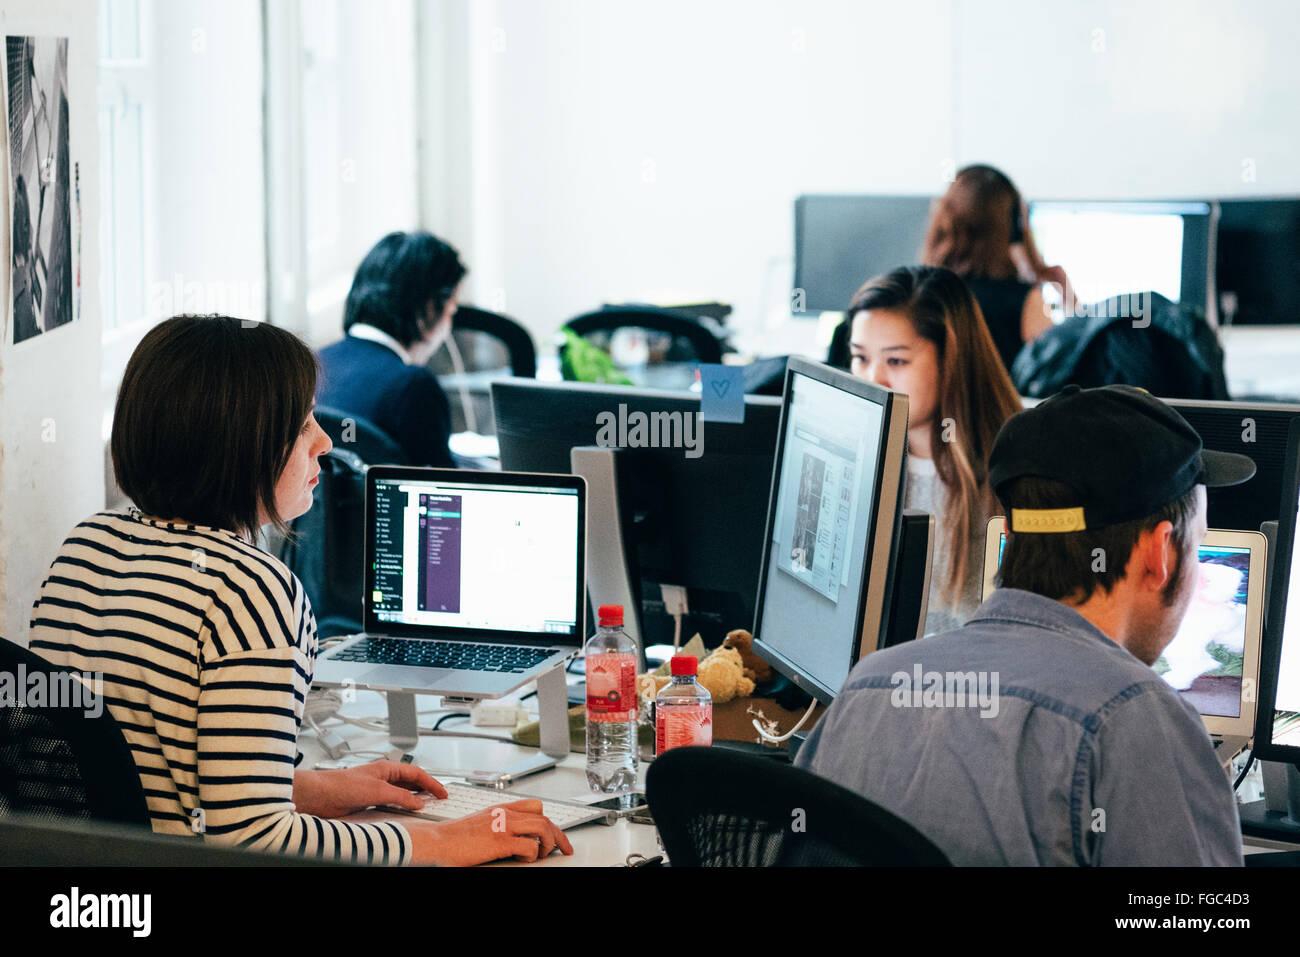 Les personnes travaillant sur des ordinateurs au bureau Photo Stock